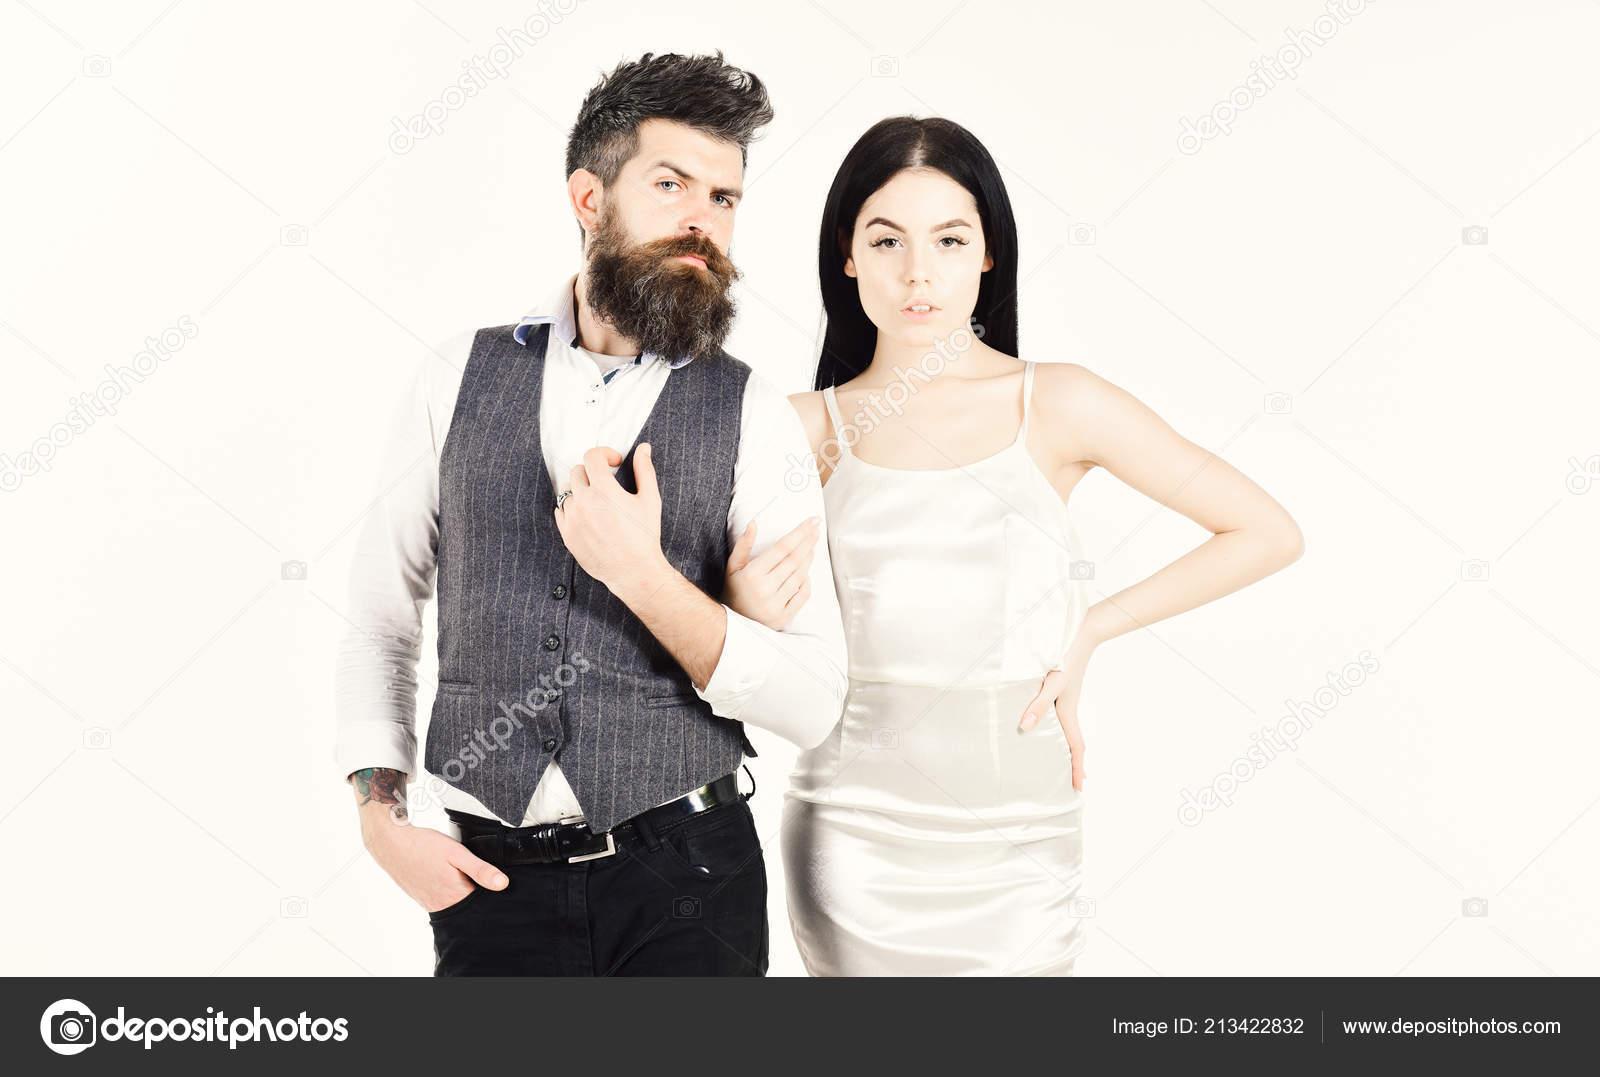 Hipster Matrimonio Uomo : Barbuto hipster con sposa vestito per la cerimonia nuziale. donna in